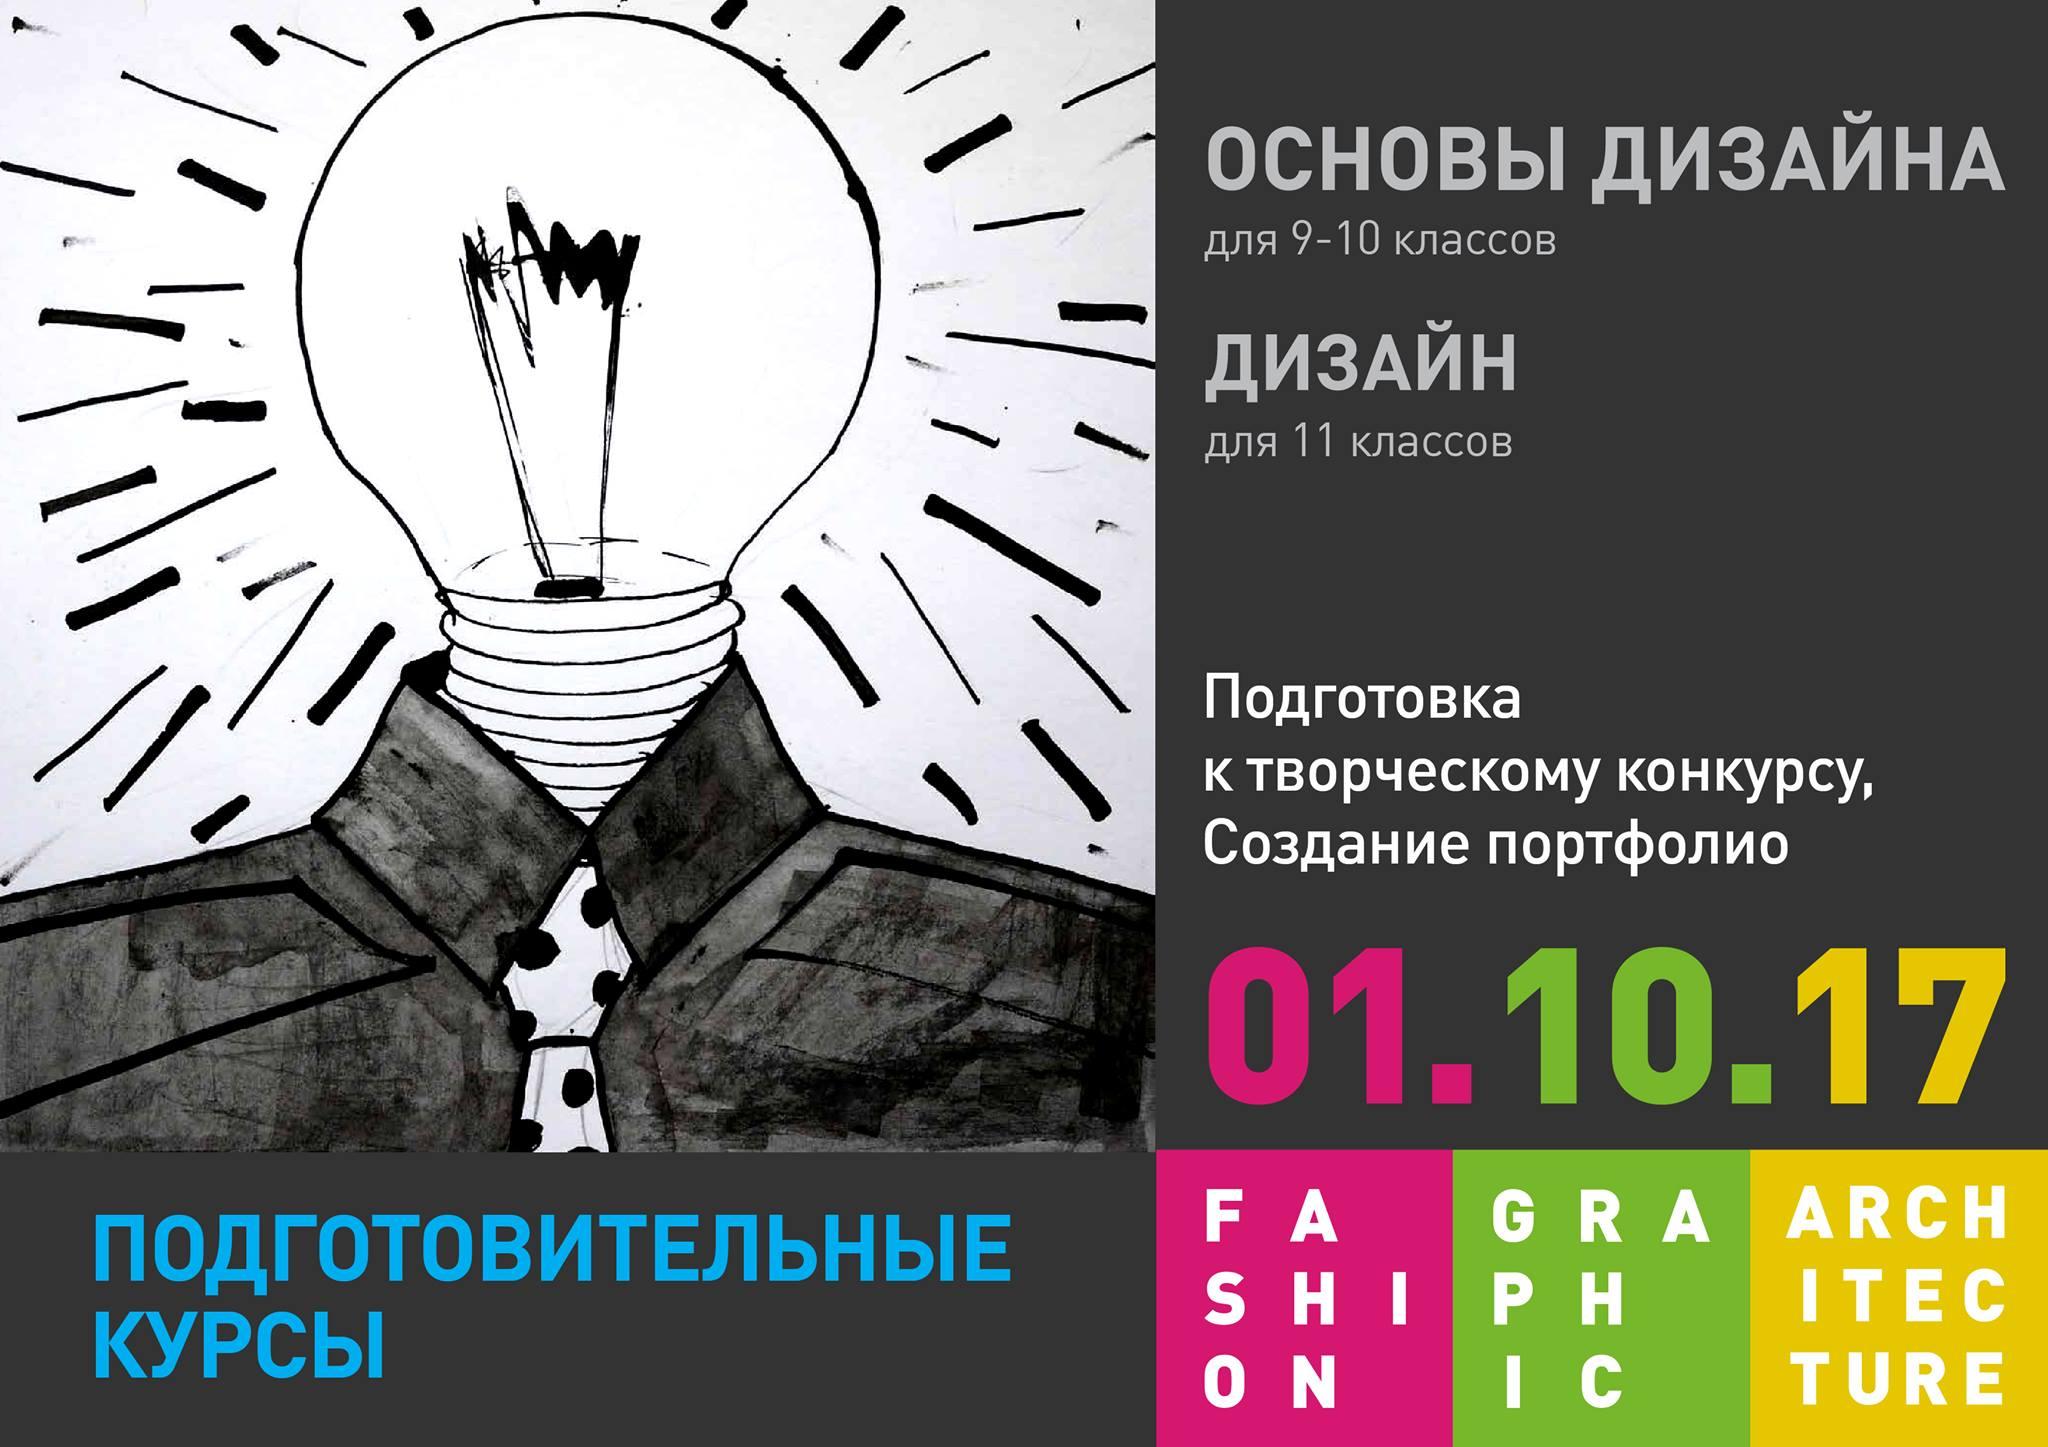 Графический дизайн москва институты